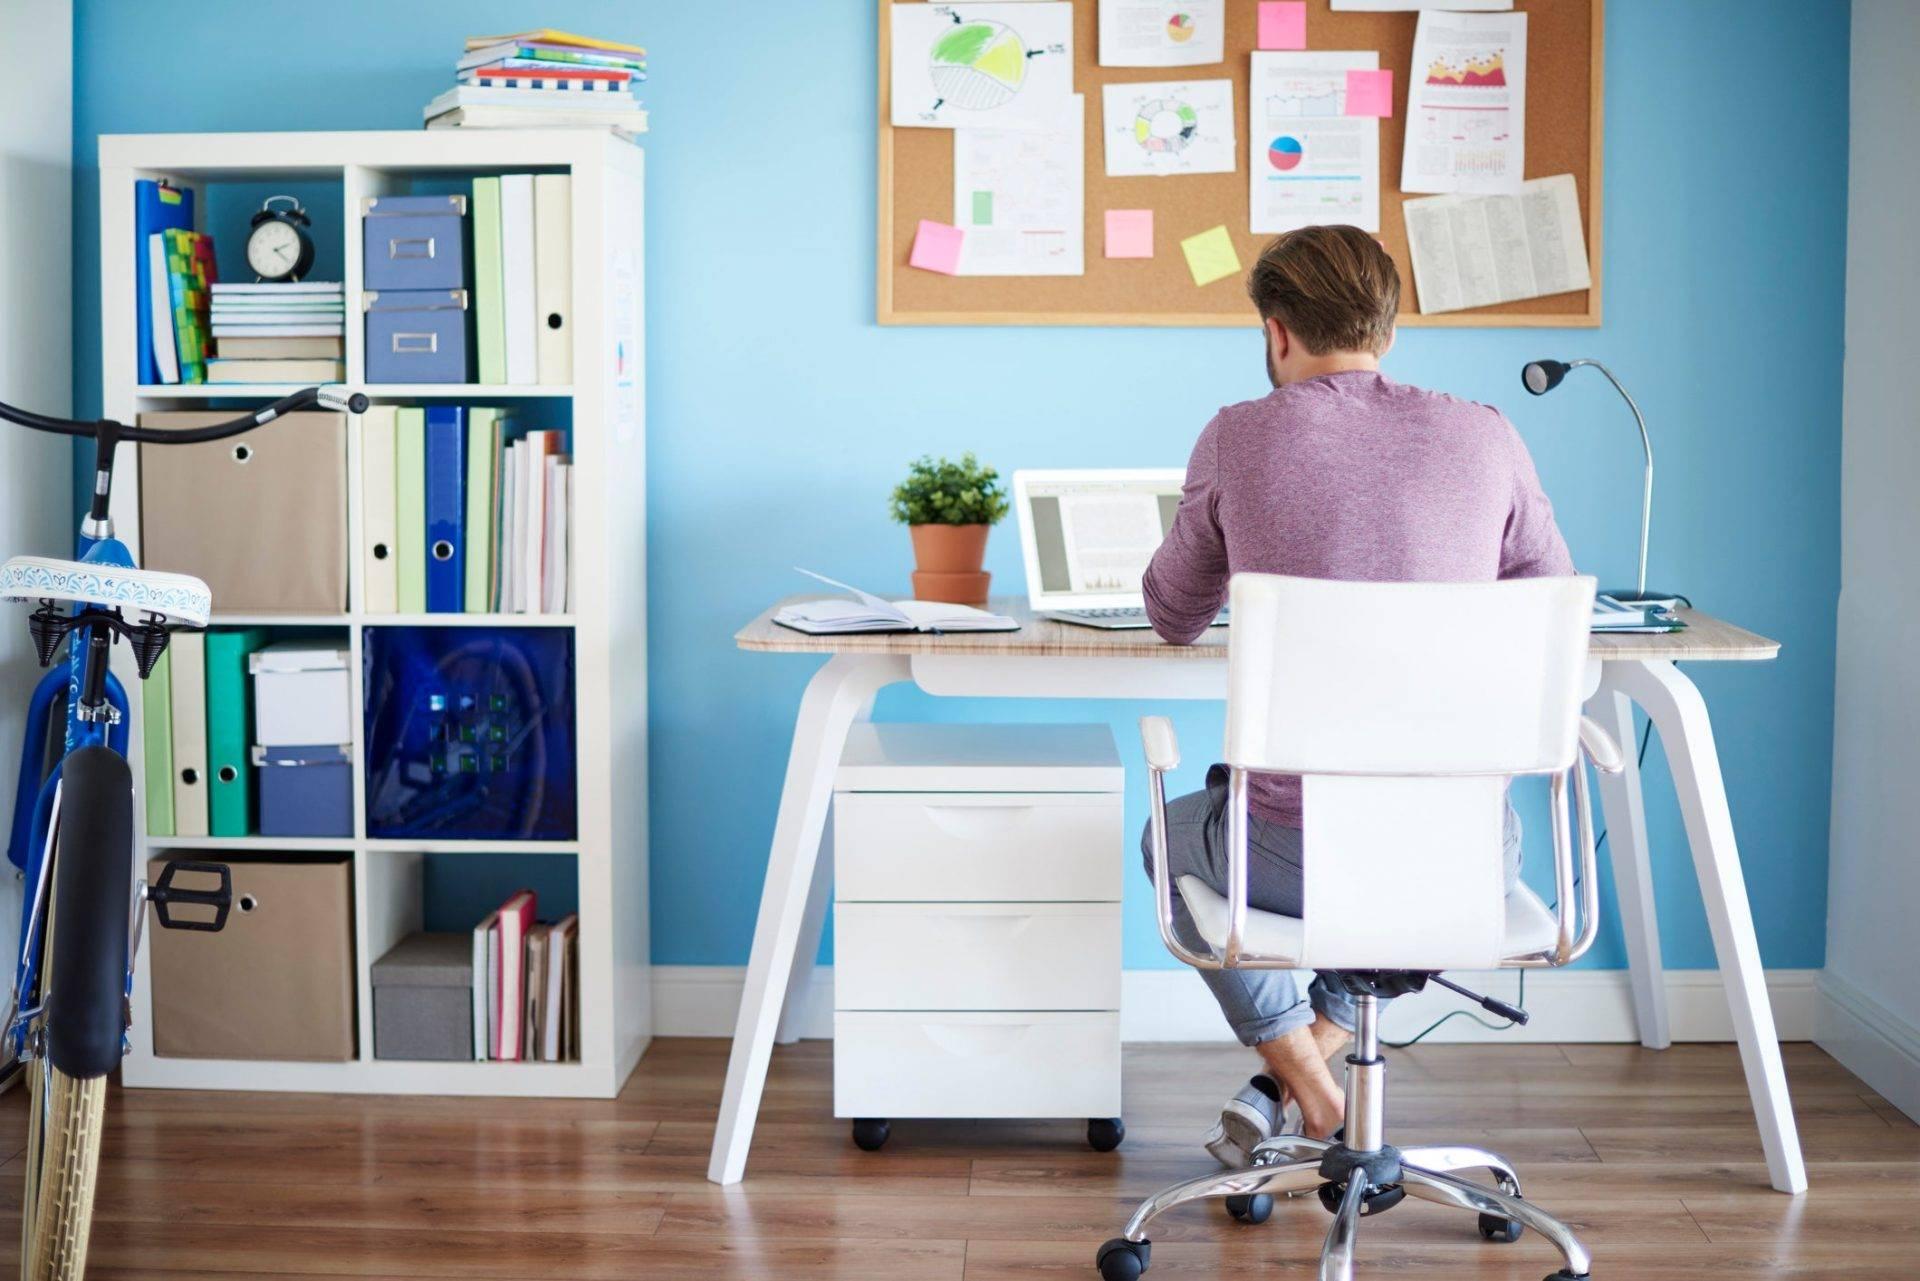 19 könnyű, otthonról végezhető munka, amit bárki kipróbálhat